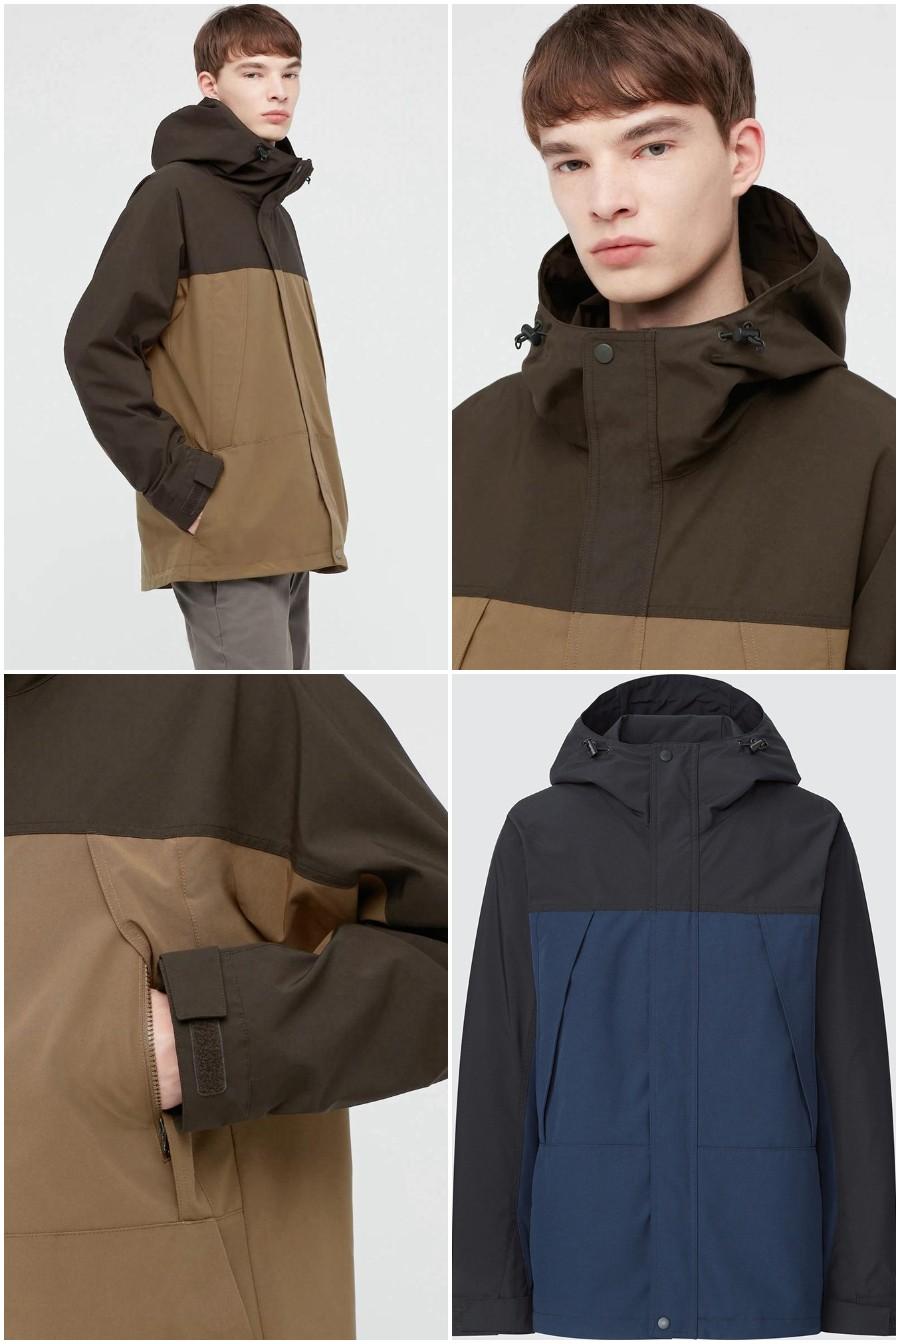 优衣库,Uniqlo  又要抢优衣库了!好看不贵的「秋冬宝藏新品」刚发售!必买不止一两件!